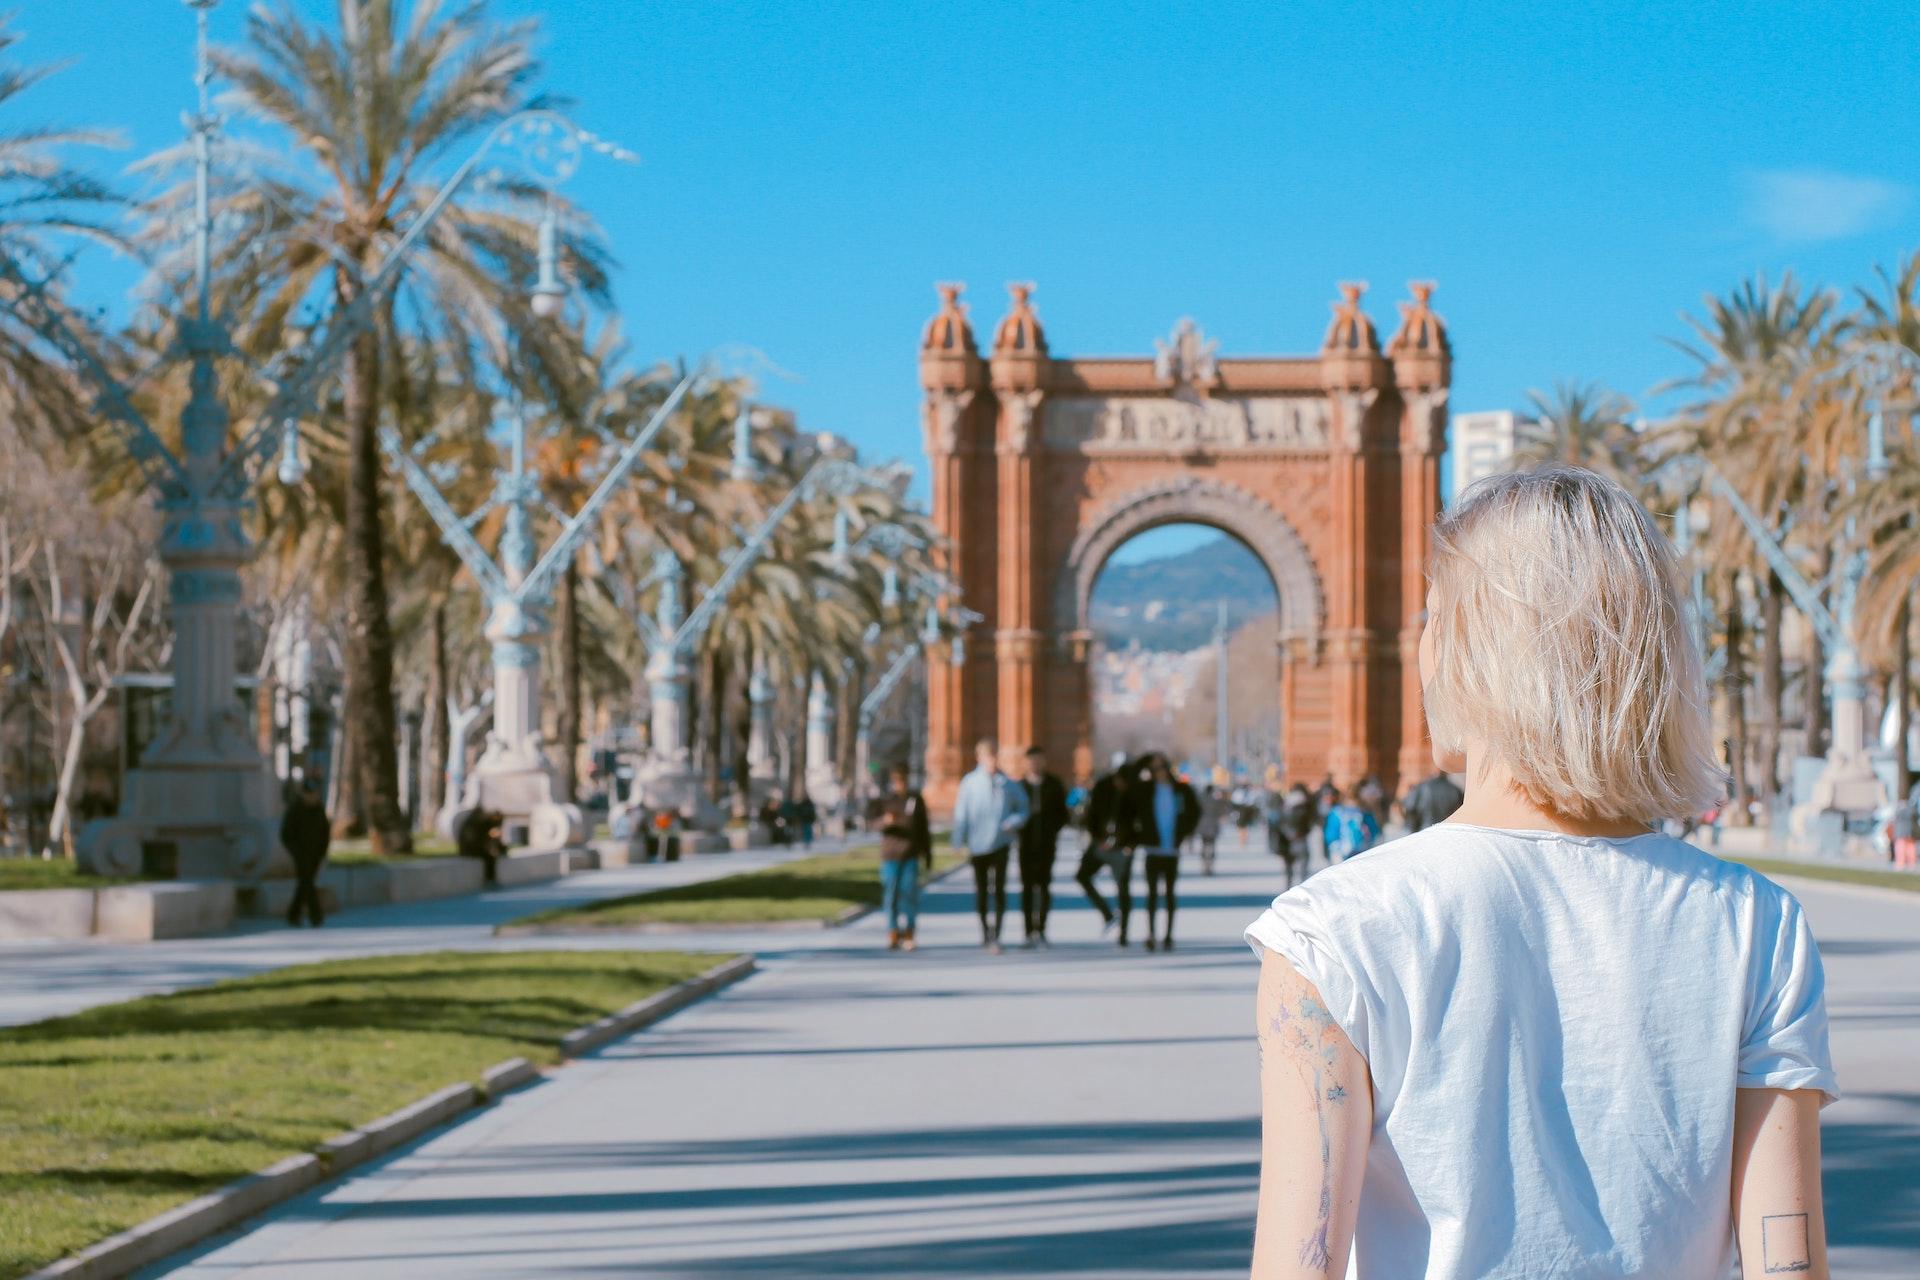 Arco de Triunfo in Barcelona